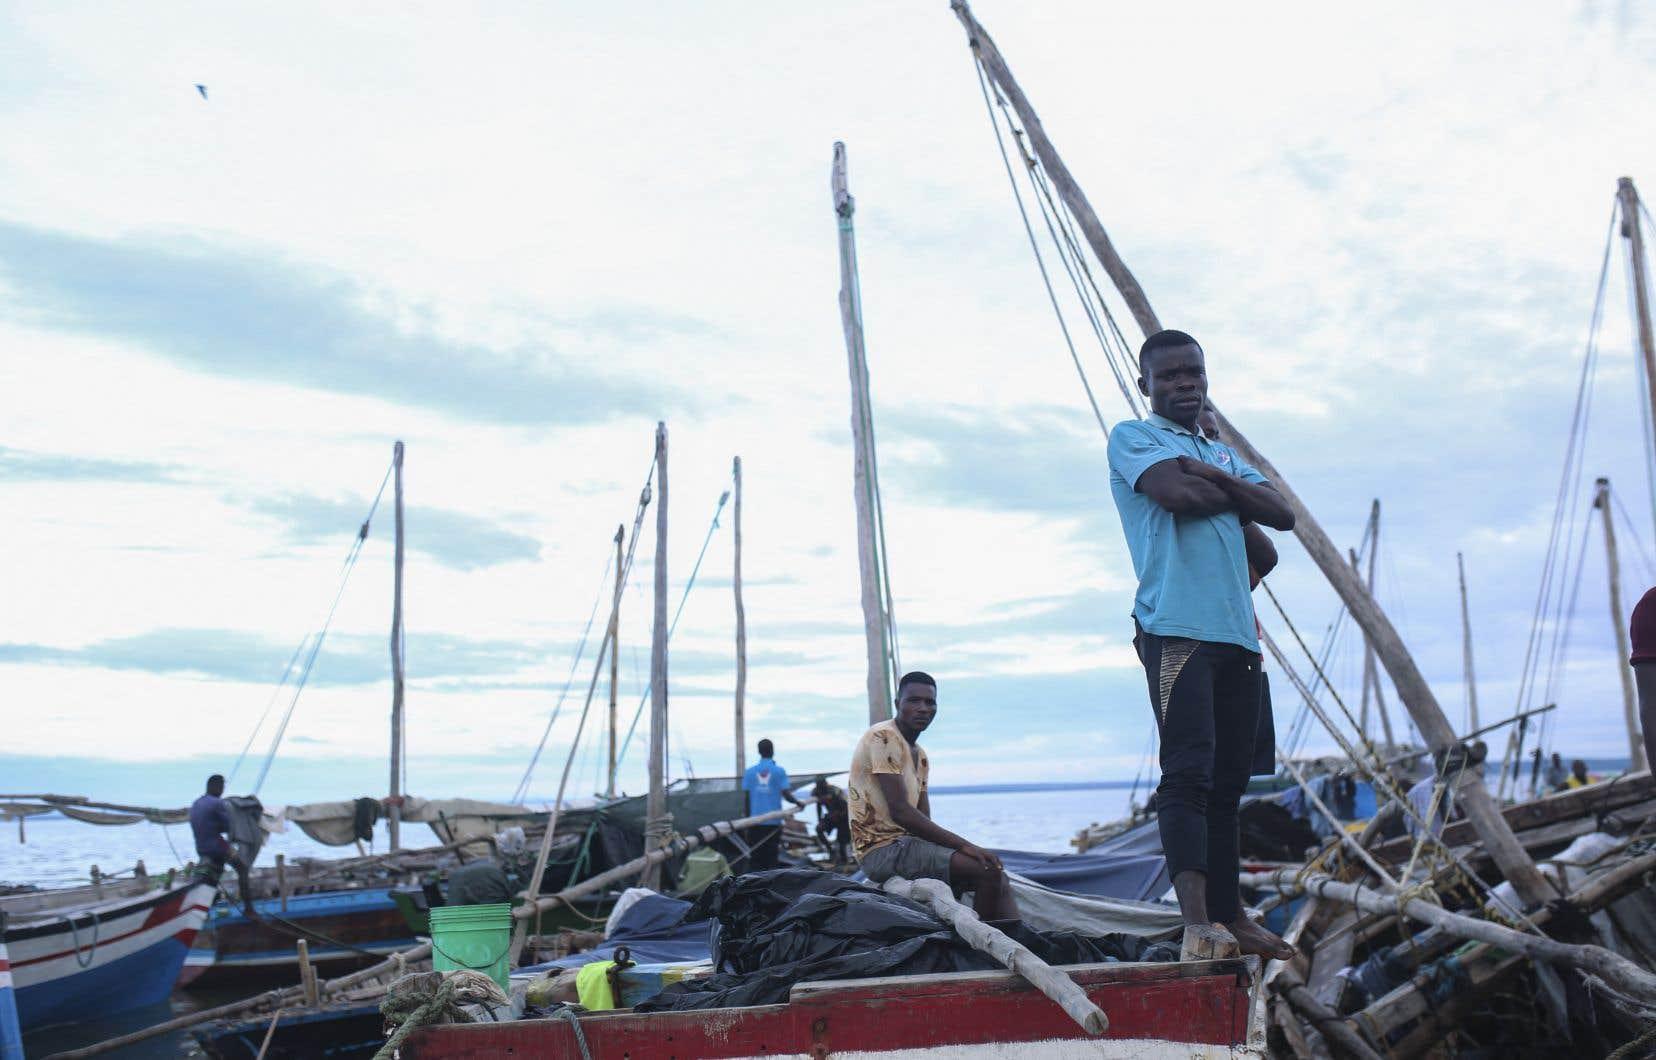 Après le transfert de 1400 travailleurs et civils à Pemba, port situé à quelque 200km au sud, pirogues et bateaux à voile traditionnels, chargés de réfugiés, continuent à affluer, selon des témoins et ONG.